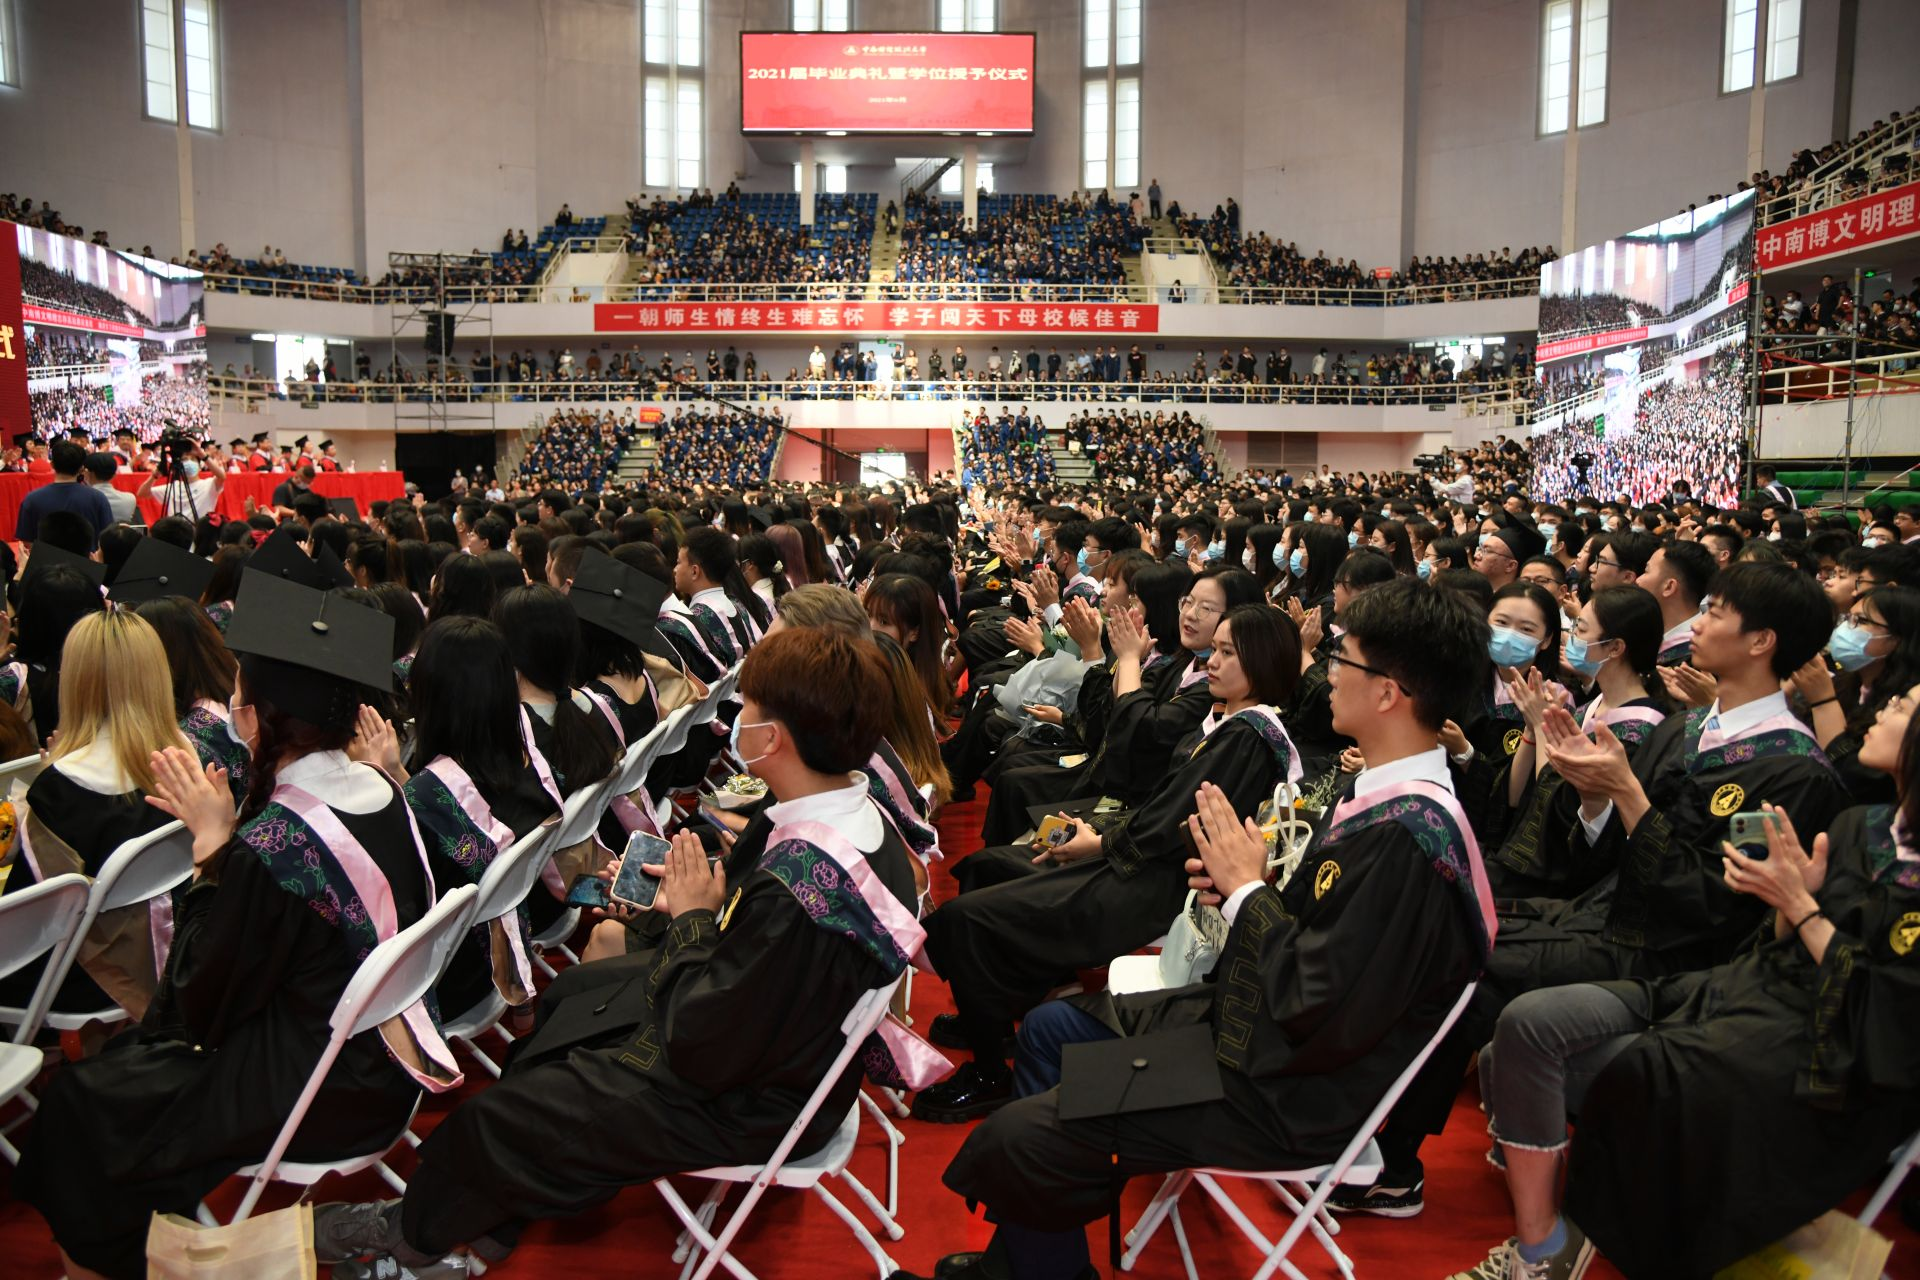 赴约归来 中南财经政法大学两届毕业生同堂参加2021届毕业典礼